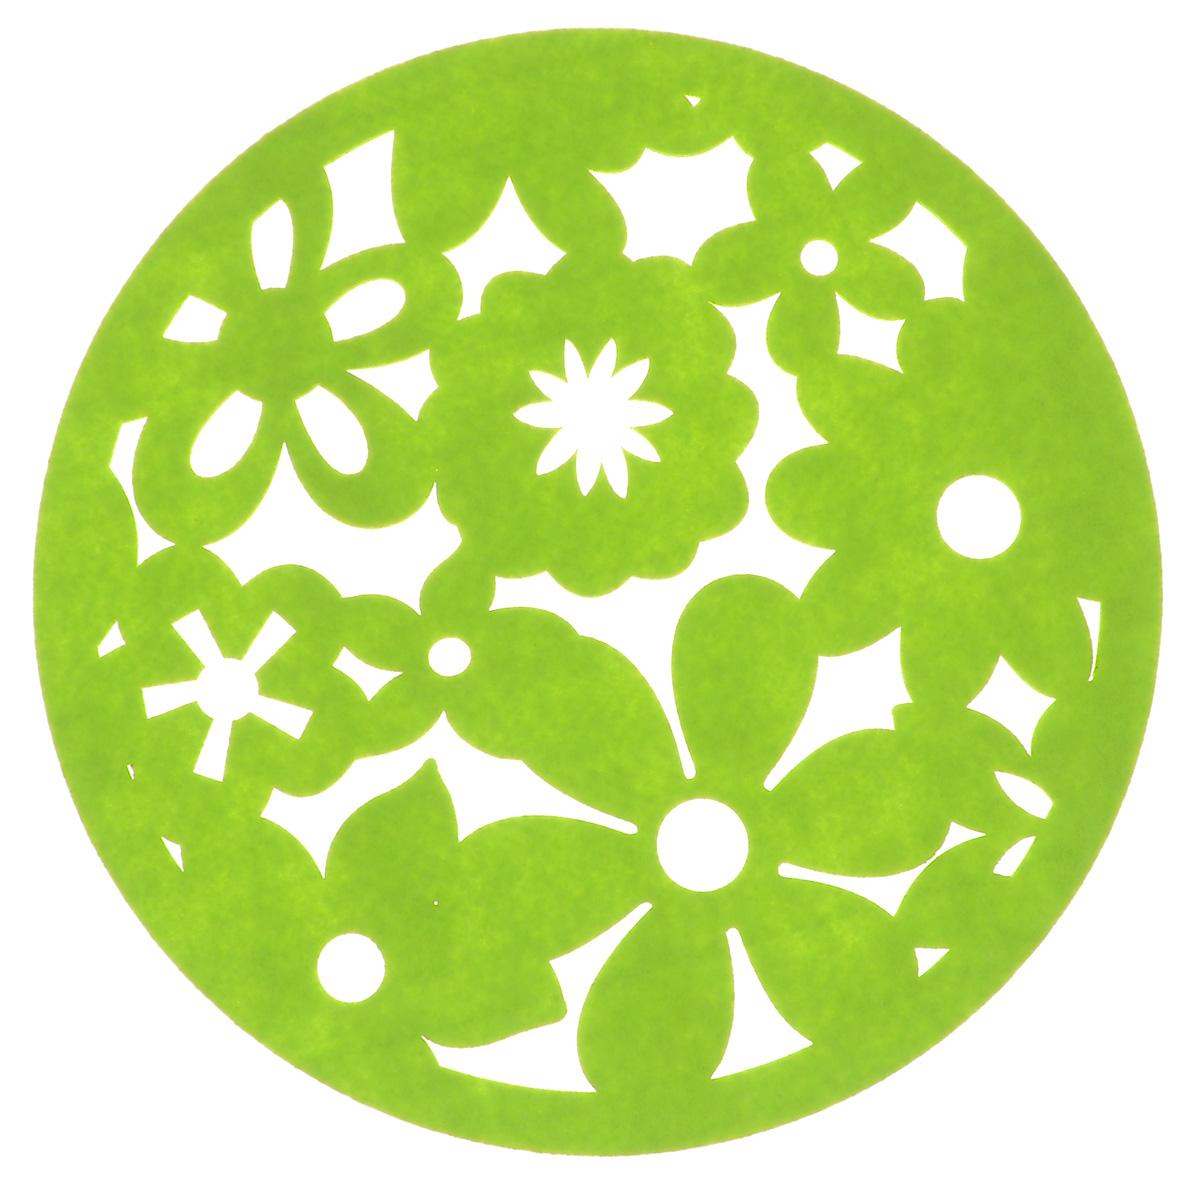 Салфетка Home Queen Цветы, цвет: зеленый, диаметр 30 см64494_5Круглая салфетка Home Queen Цветы выполнена из фетра и декорирована рельефным цветочным рисунком. Вы можете использовать салфетку для украшения стола, комода, журнального столика во время праздников, в том числе в Пасху. В любом случае она добавит в ваш дом стиля, изысканности и неповторимости. Диаметр: 30 см.